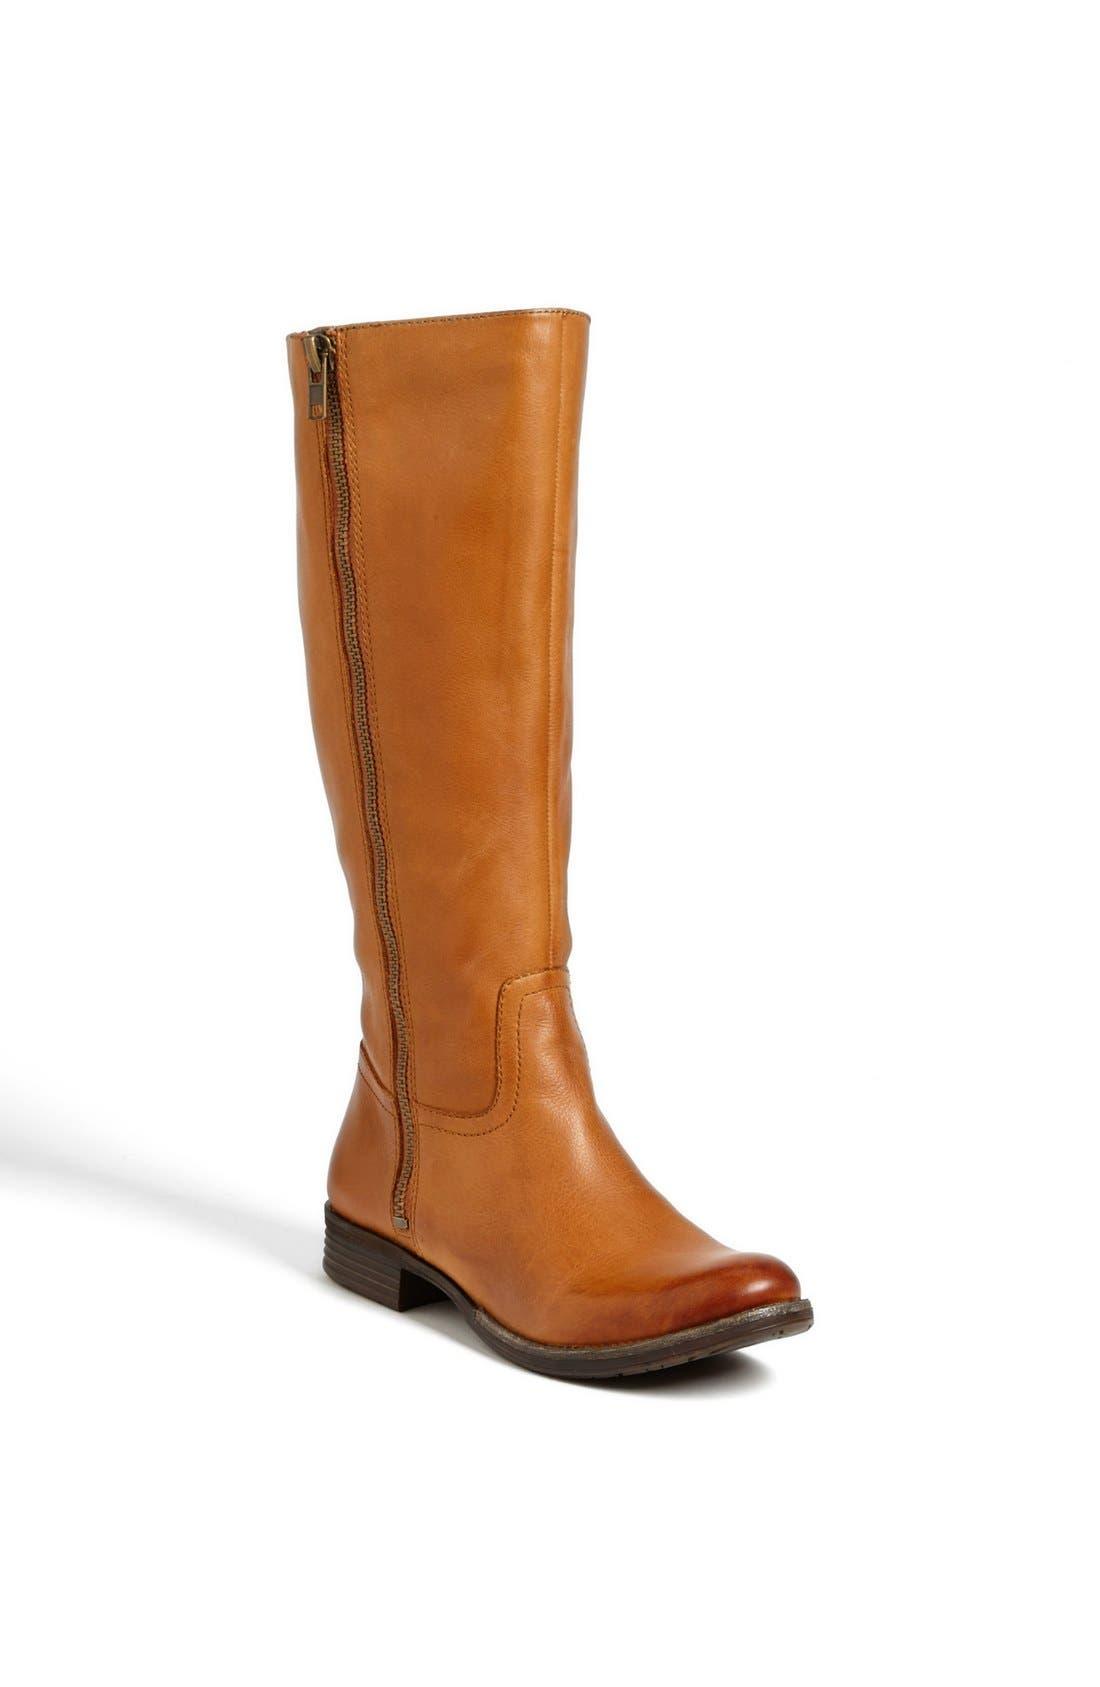 Main Image - Naya 'Abira' Boot